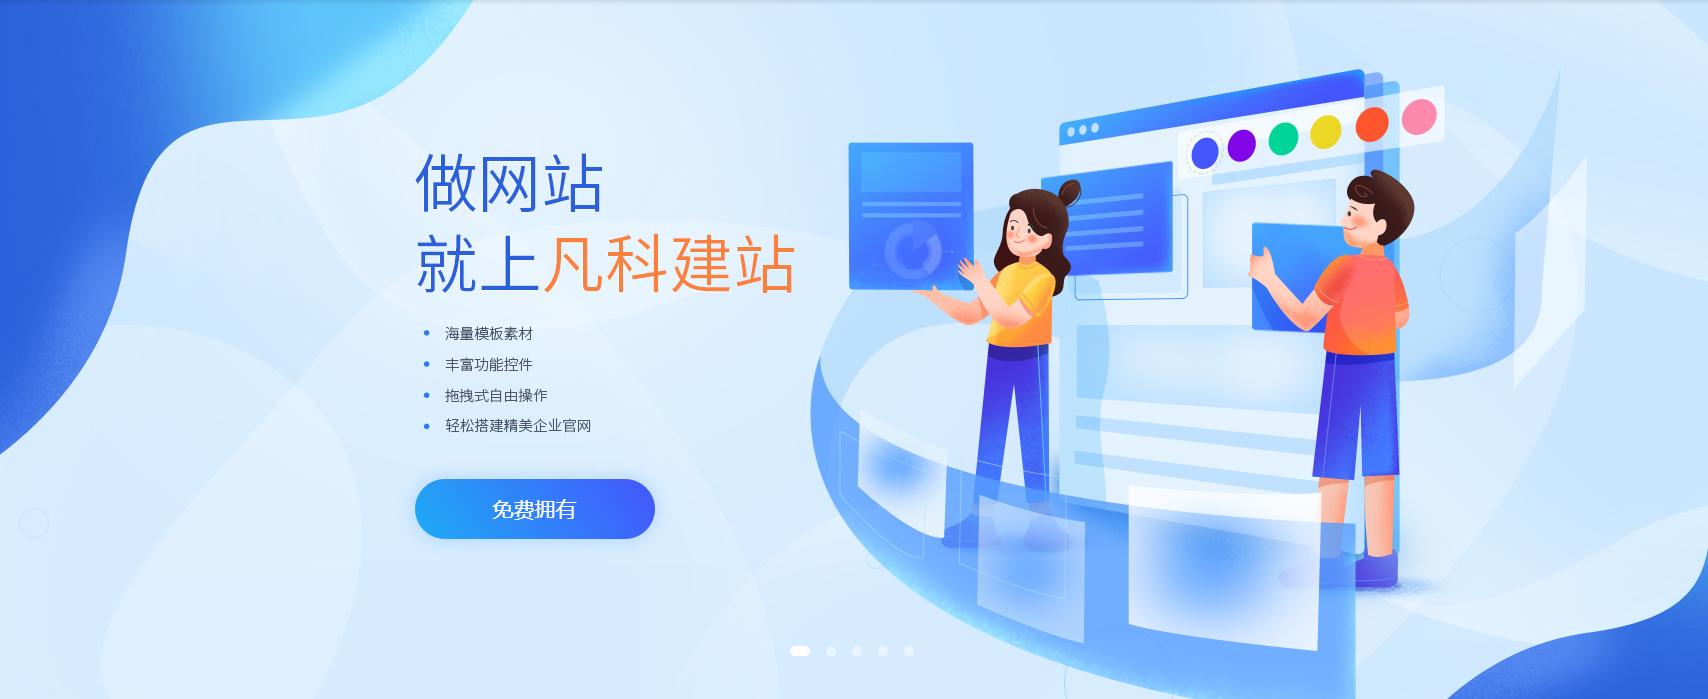 教育型网站建设